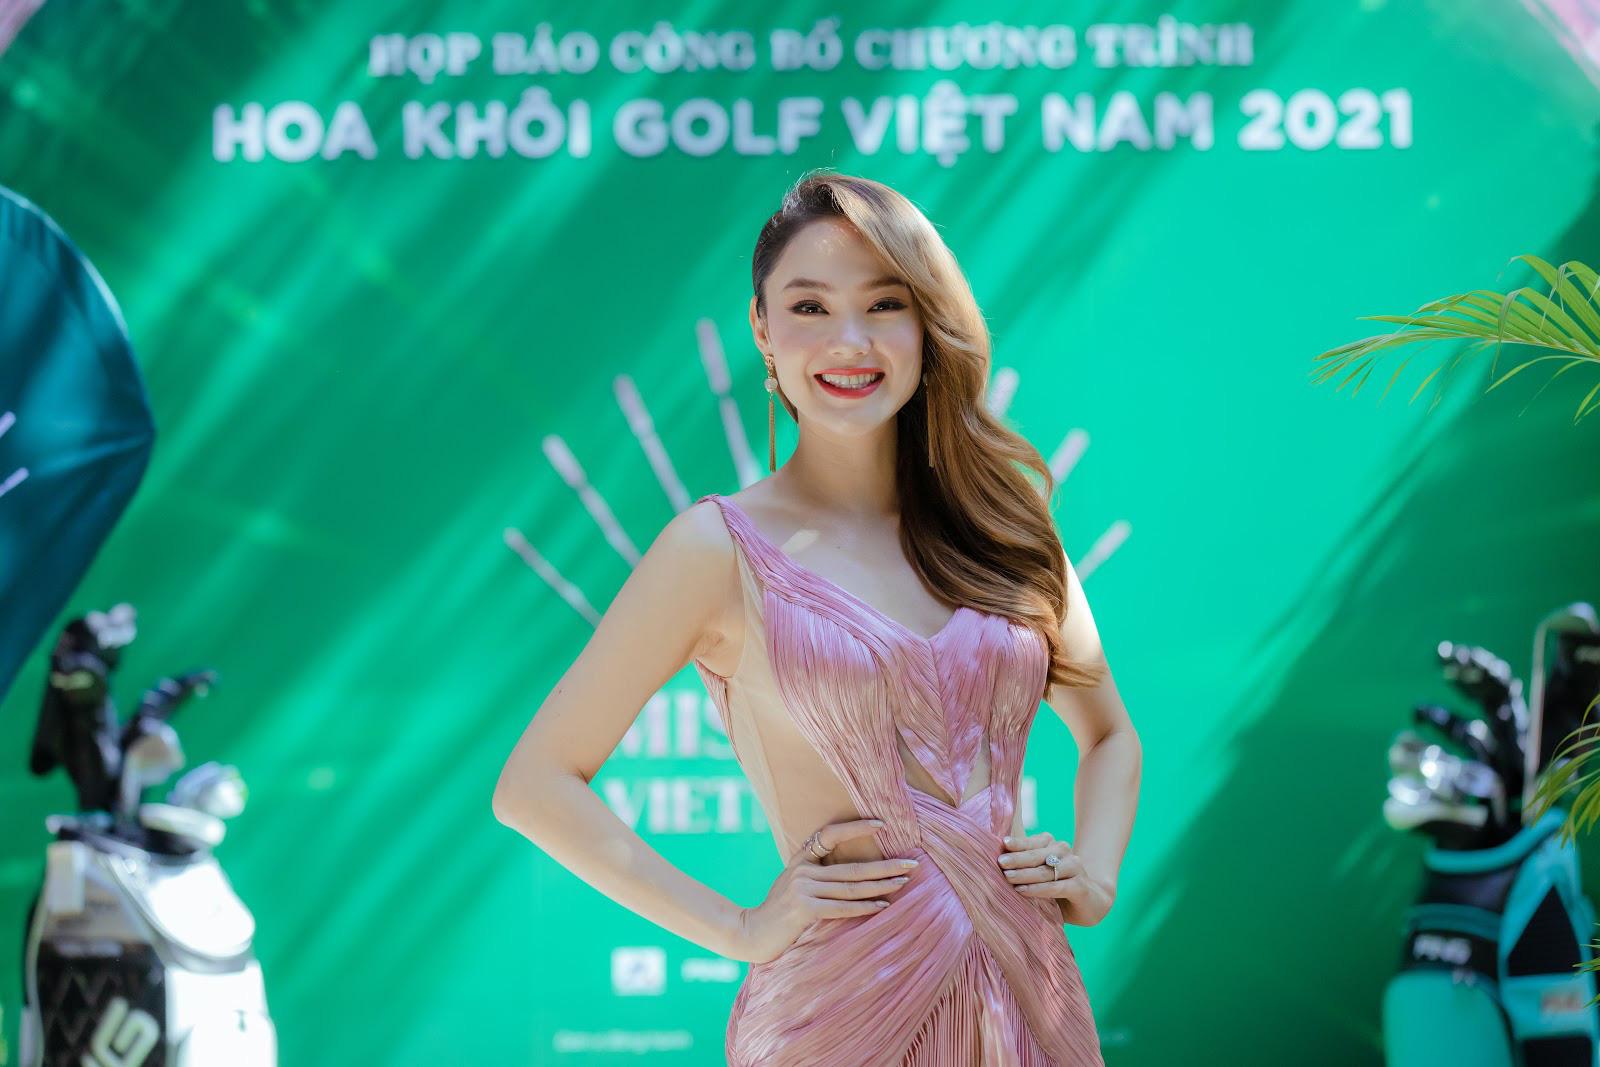 """Minh Hằng ngồi """"ghế nóng"""" cuộc thi Hoa Khôi Golf Việt Nam 2021 - Ảnh 4."""